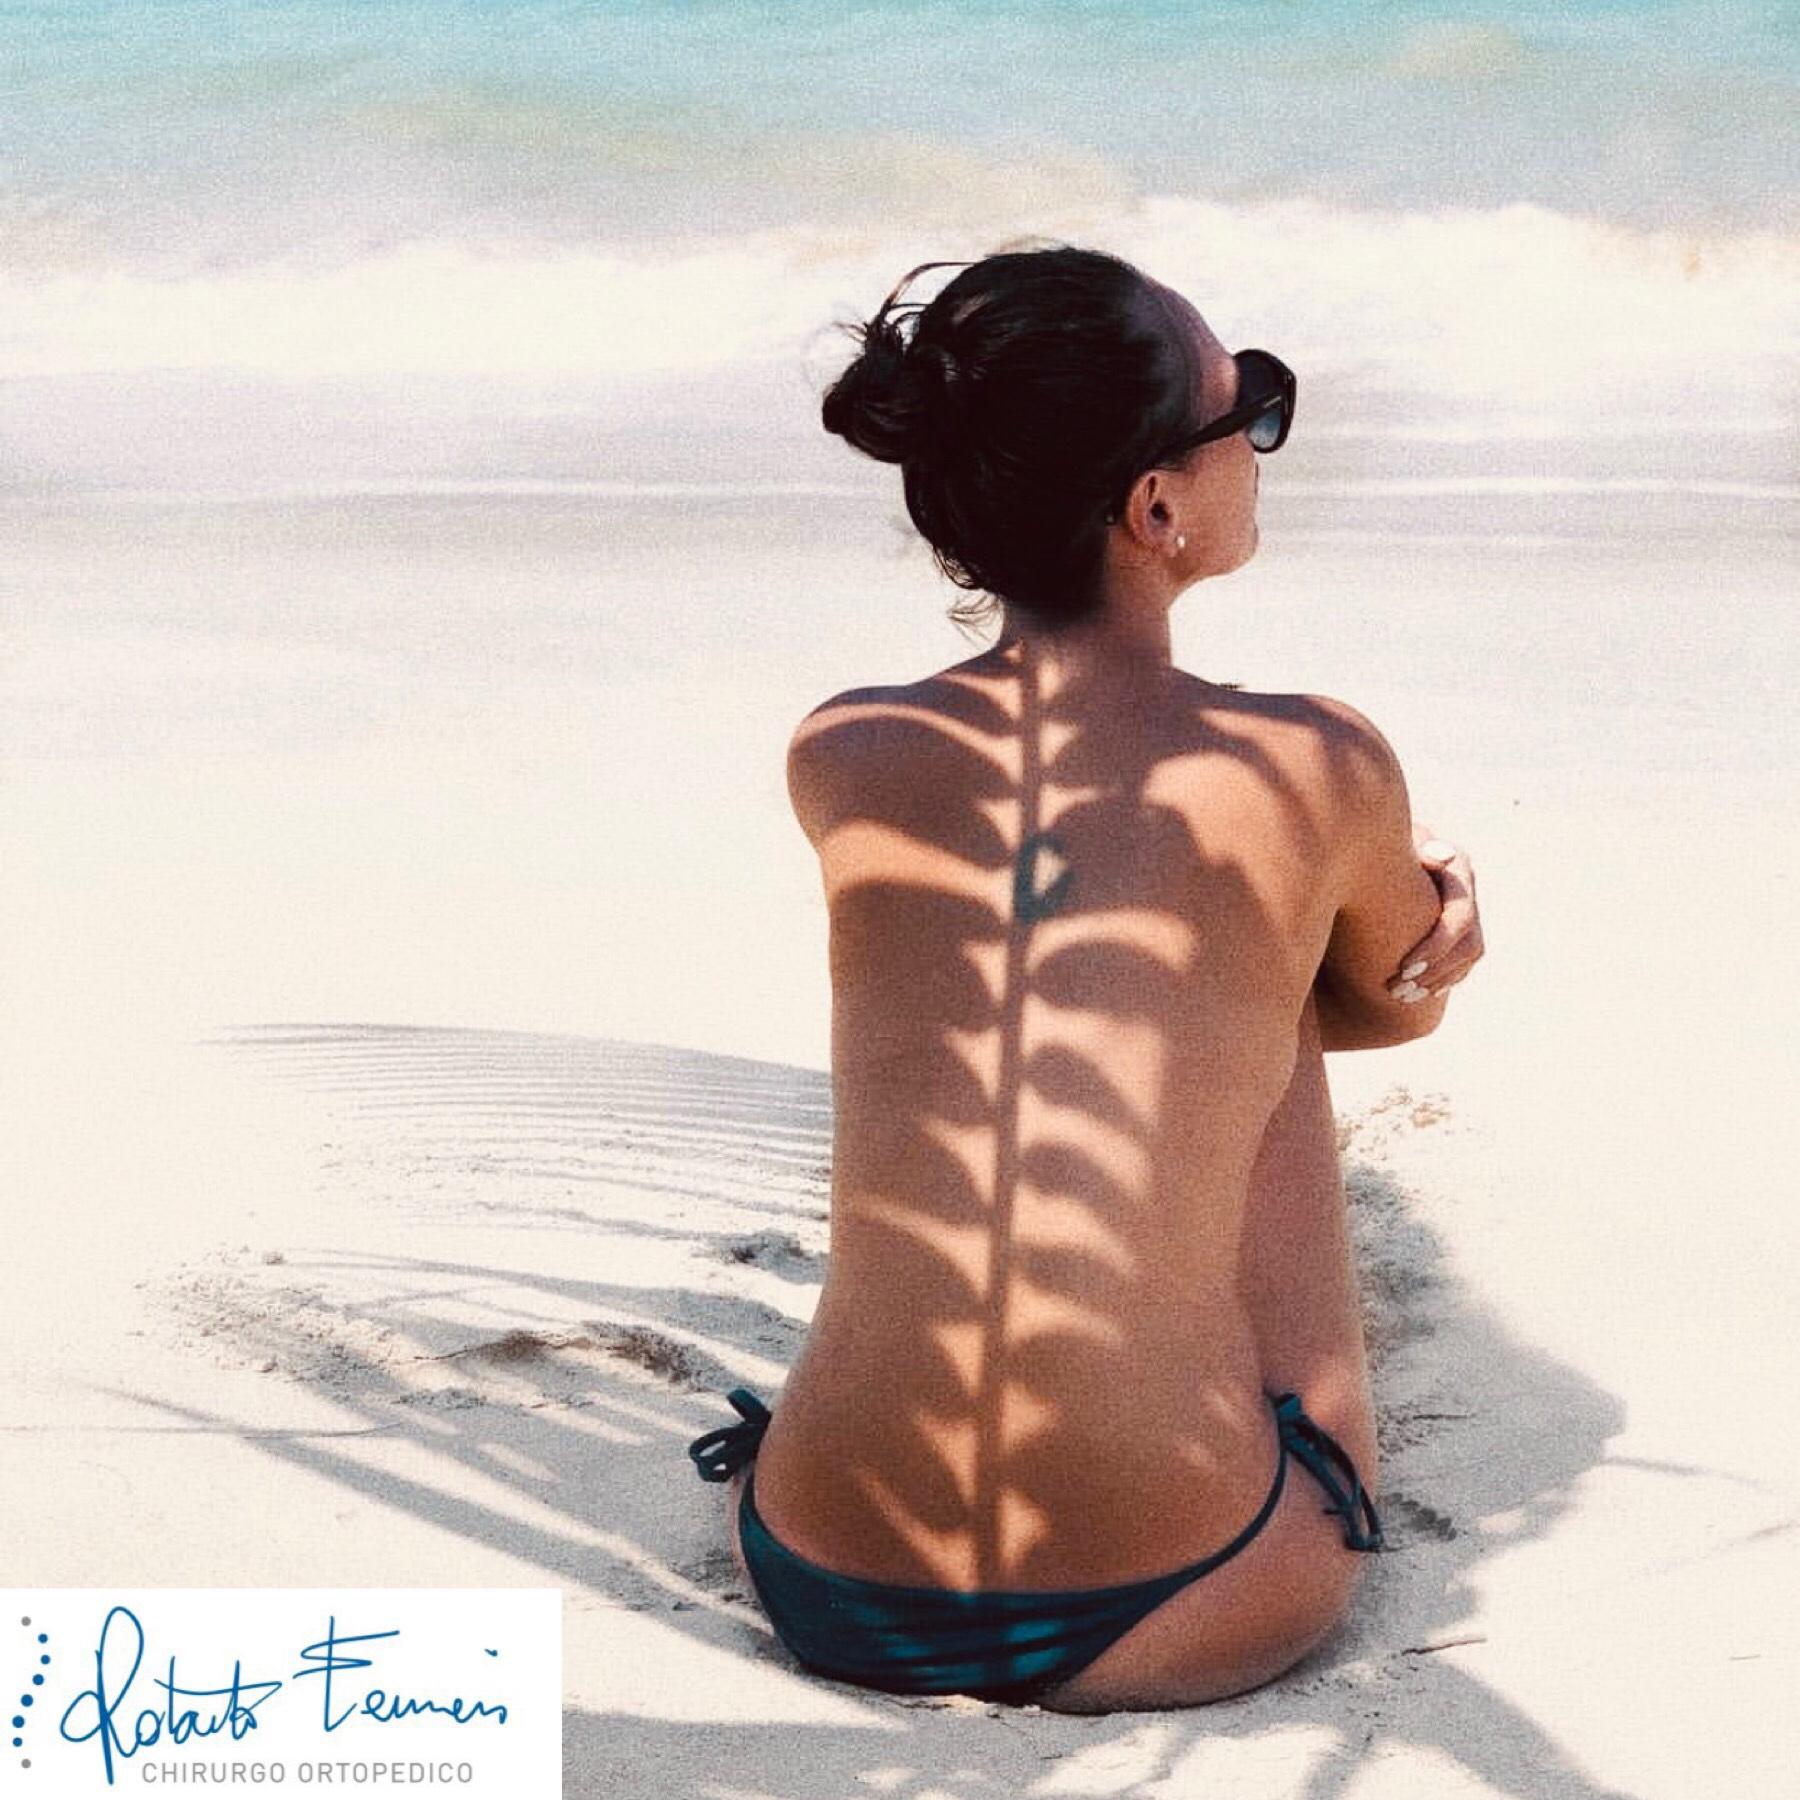 Estate e mal di schiena, consigli per prevenirlo